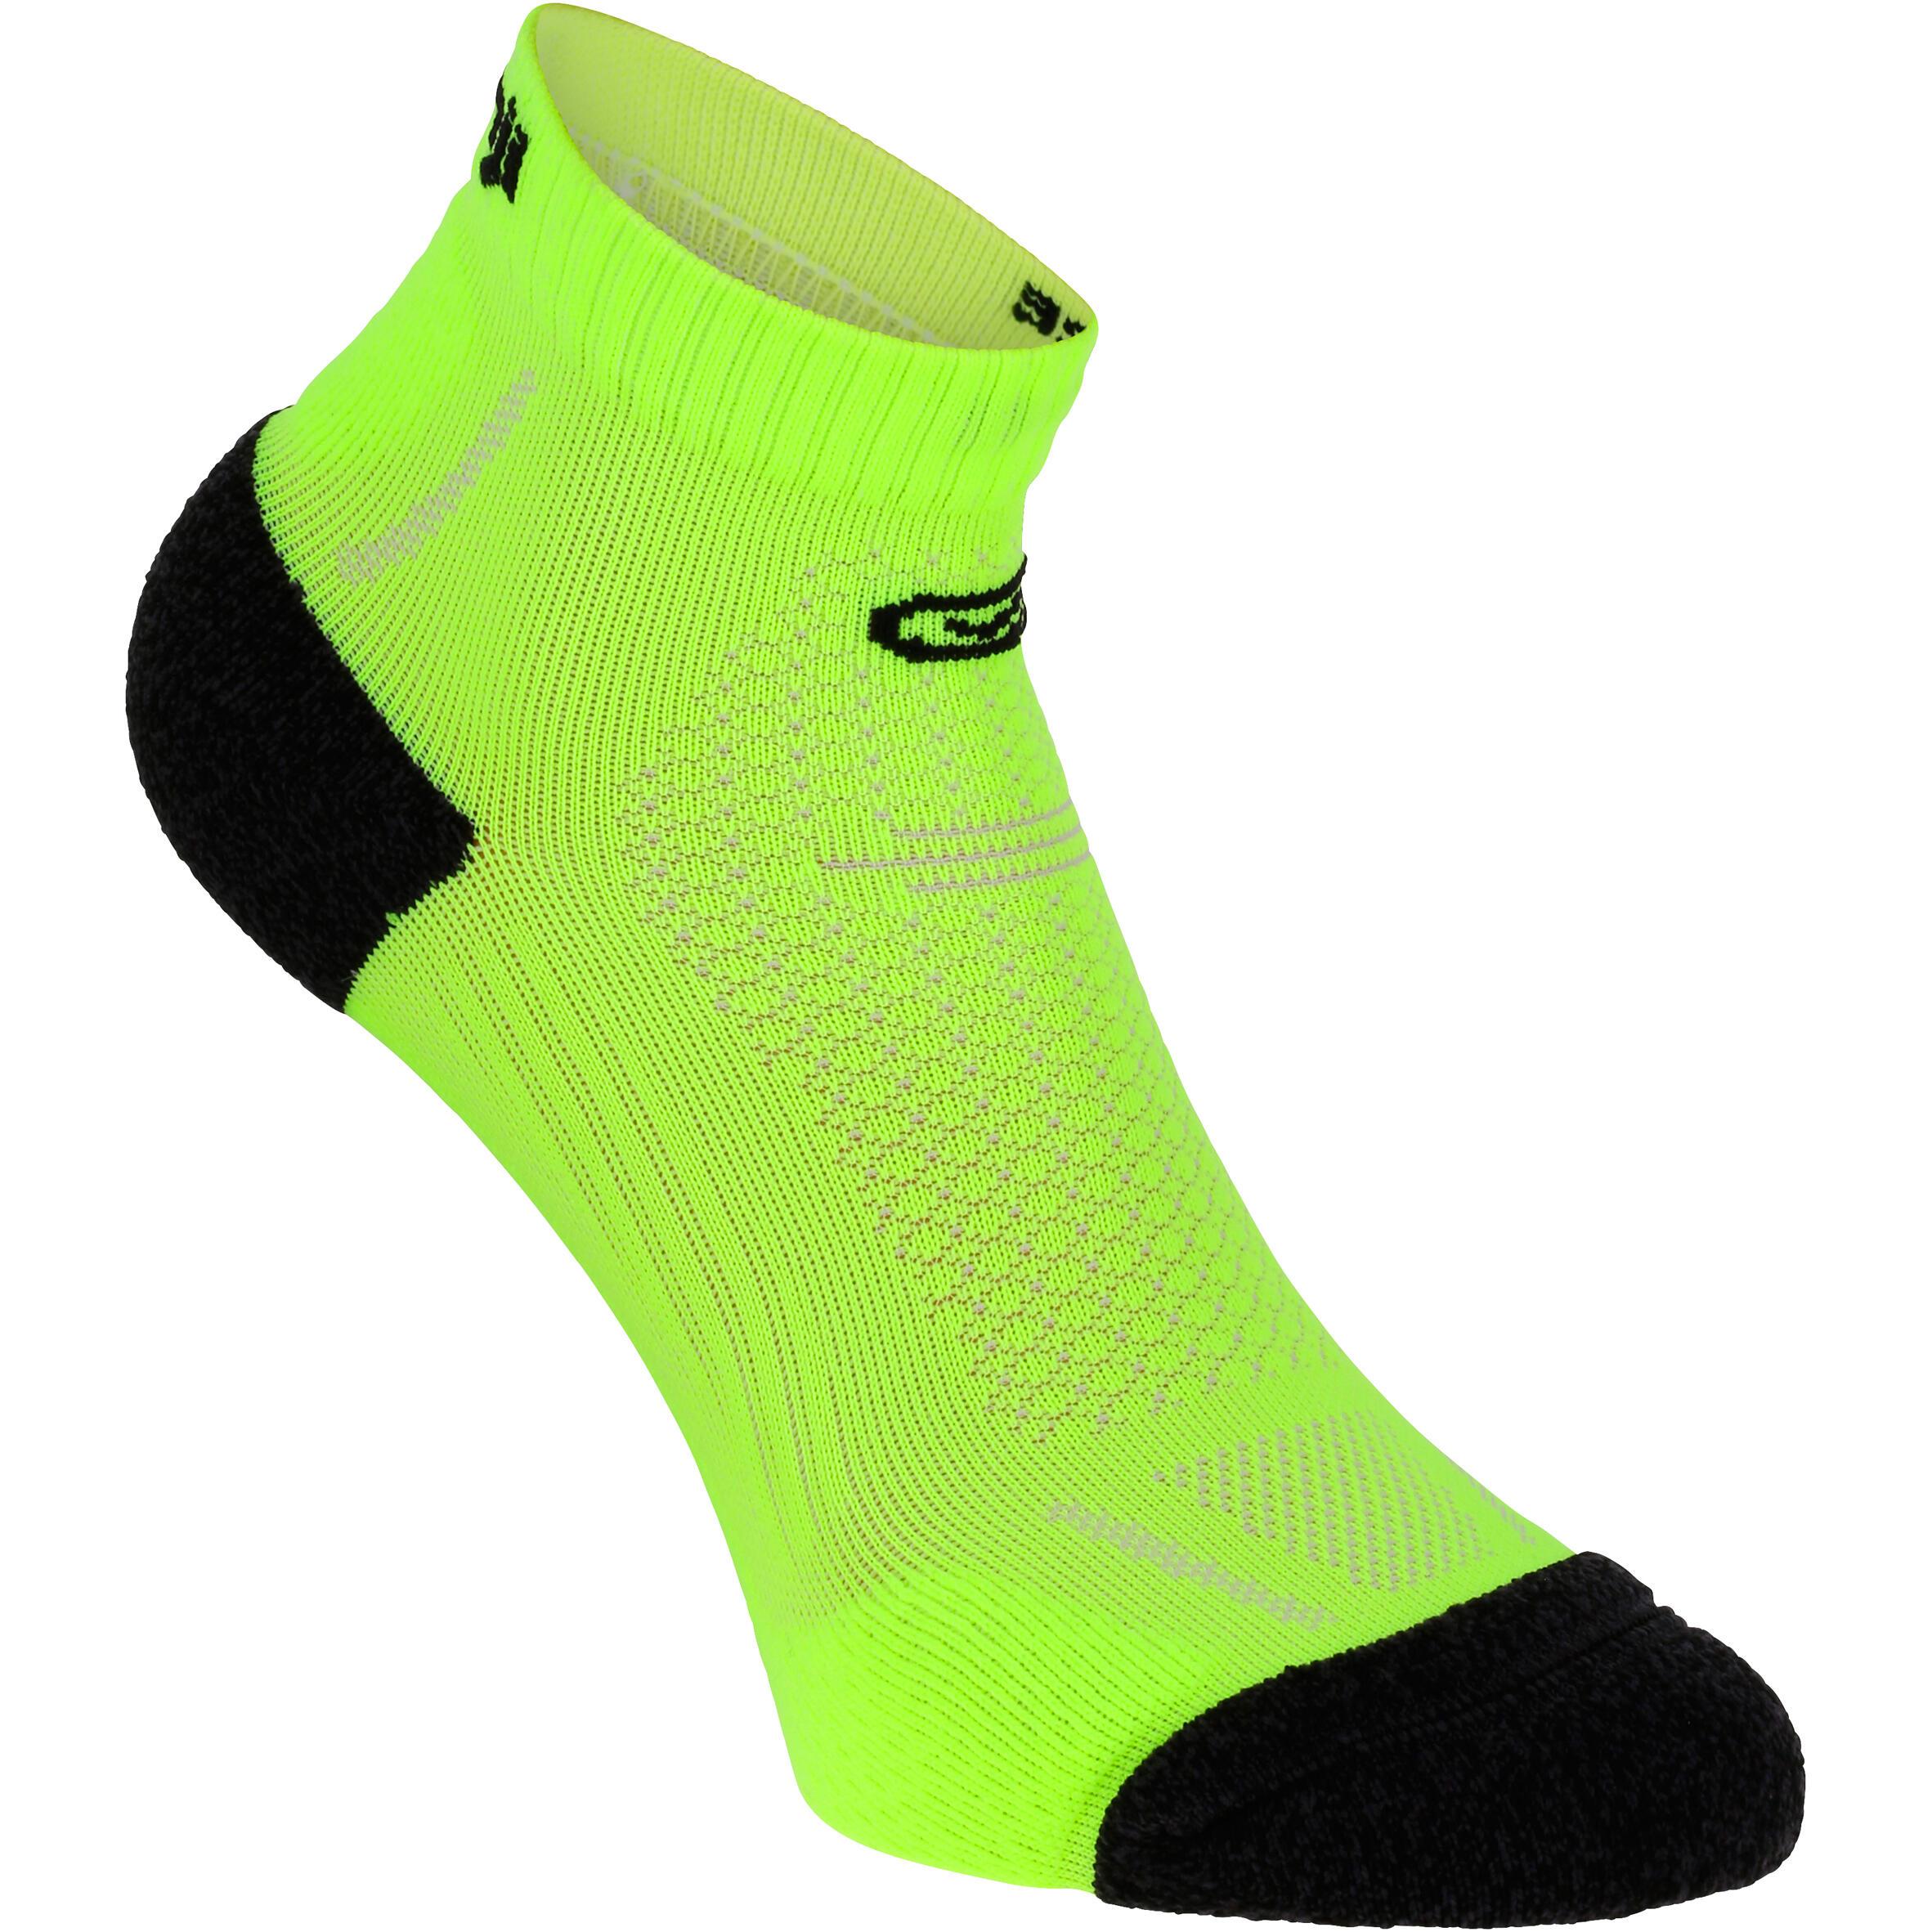 b3ac43f72 Comprar Calcetines de Trail Running | Decathlon